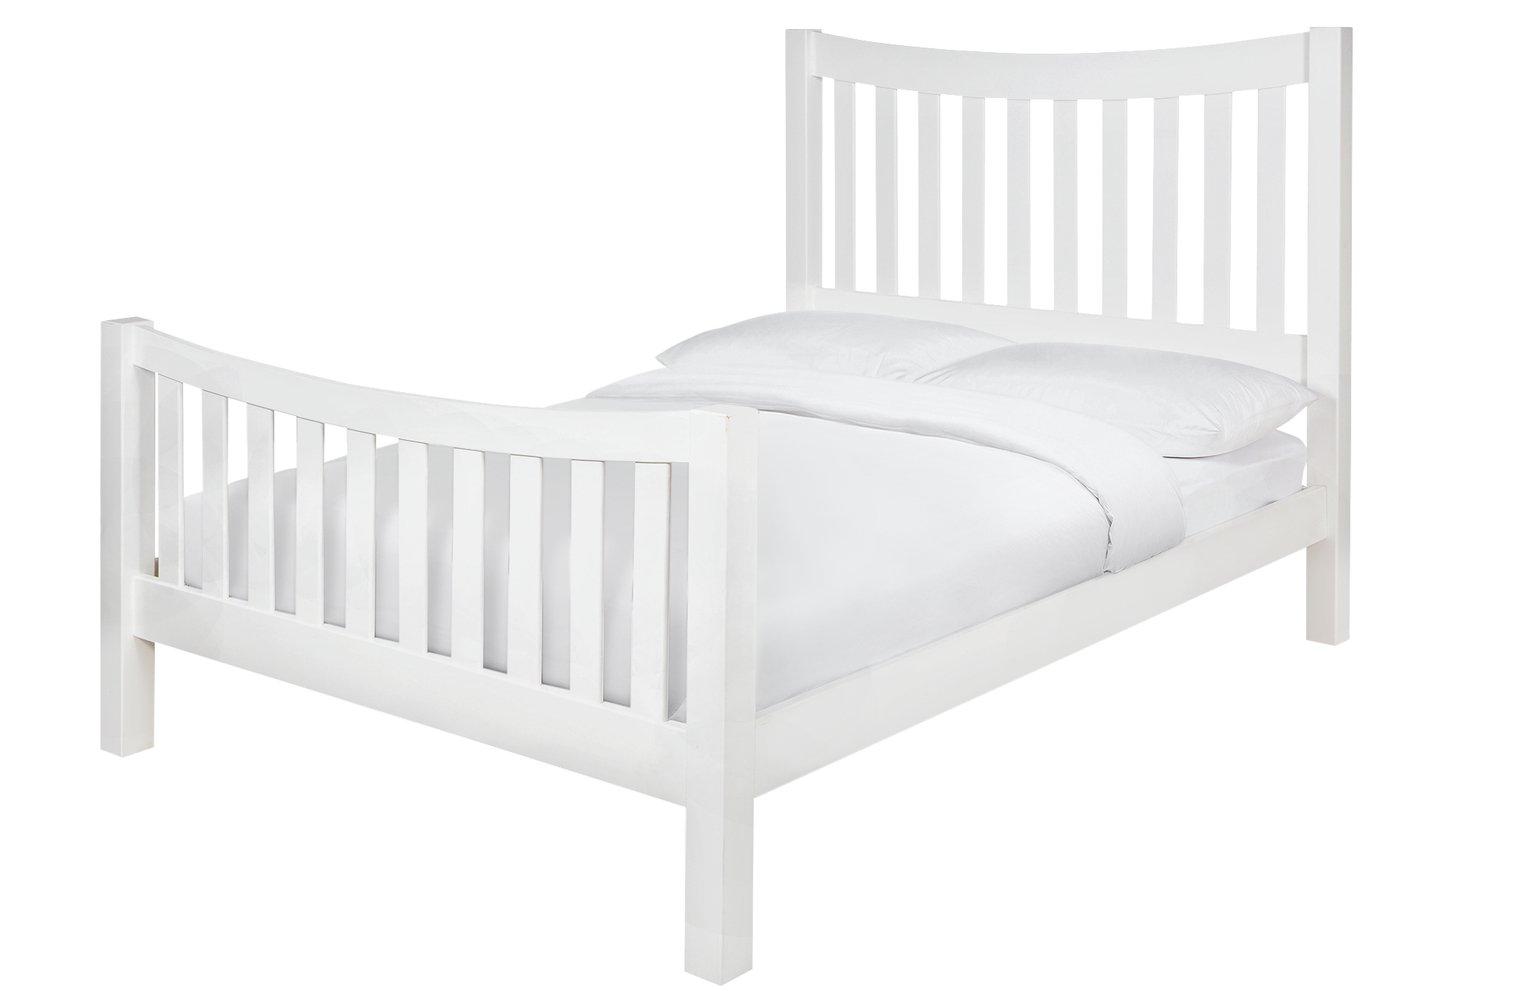 Argos Home Rowan Double Bed Frame - White